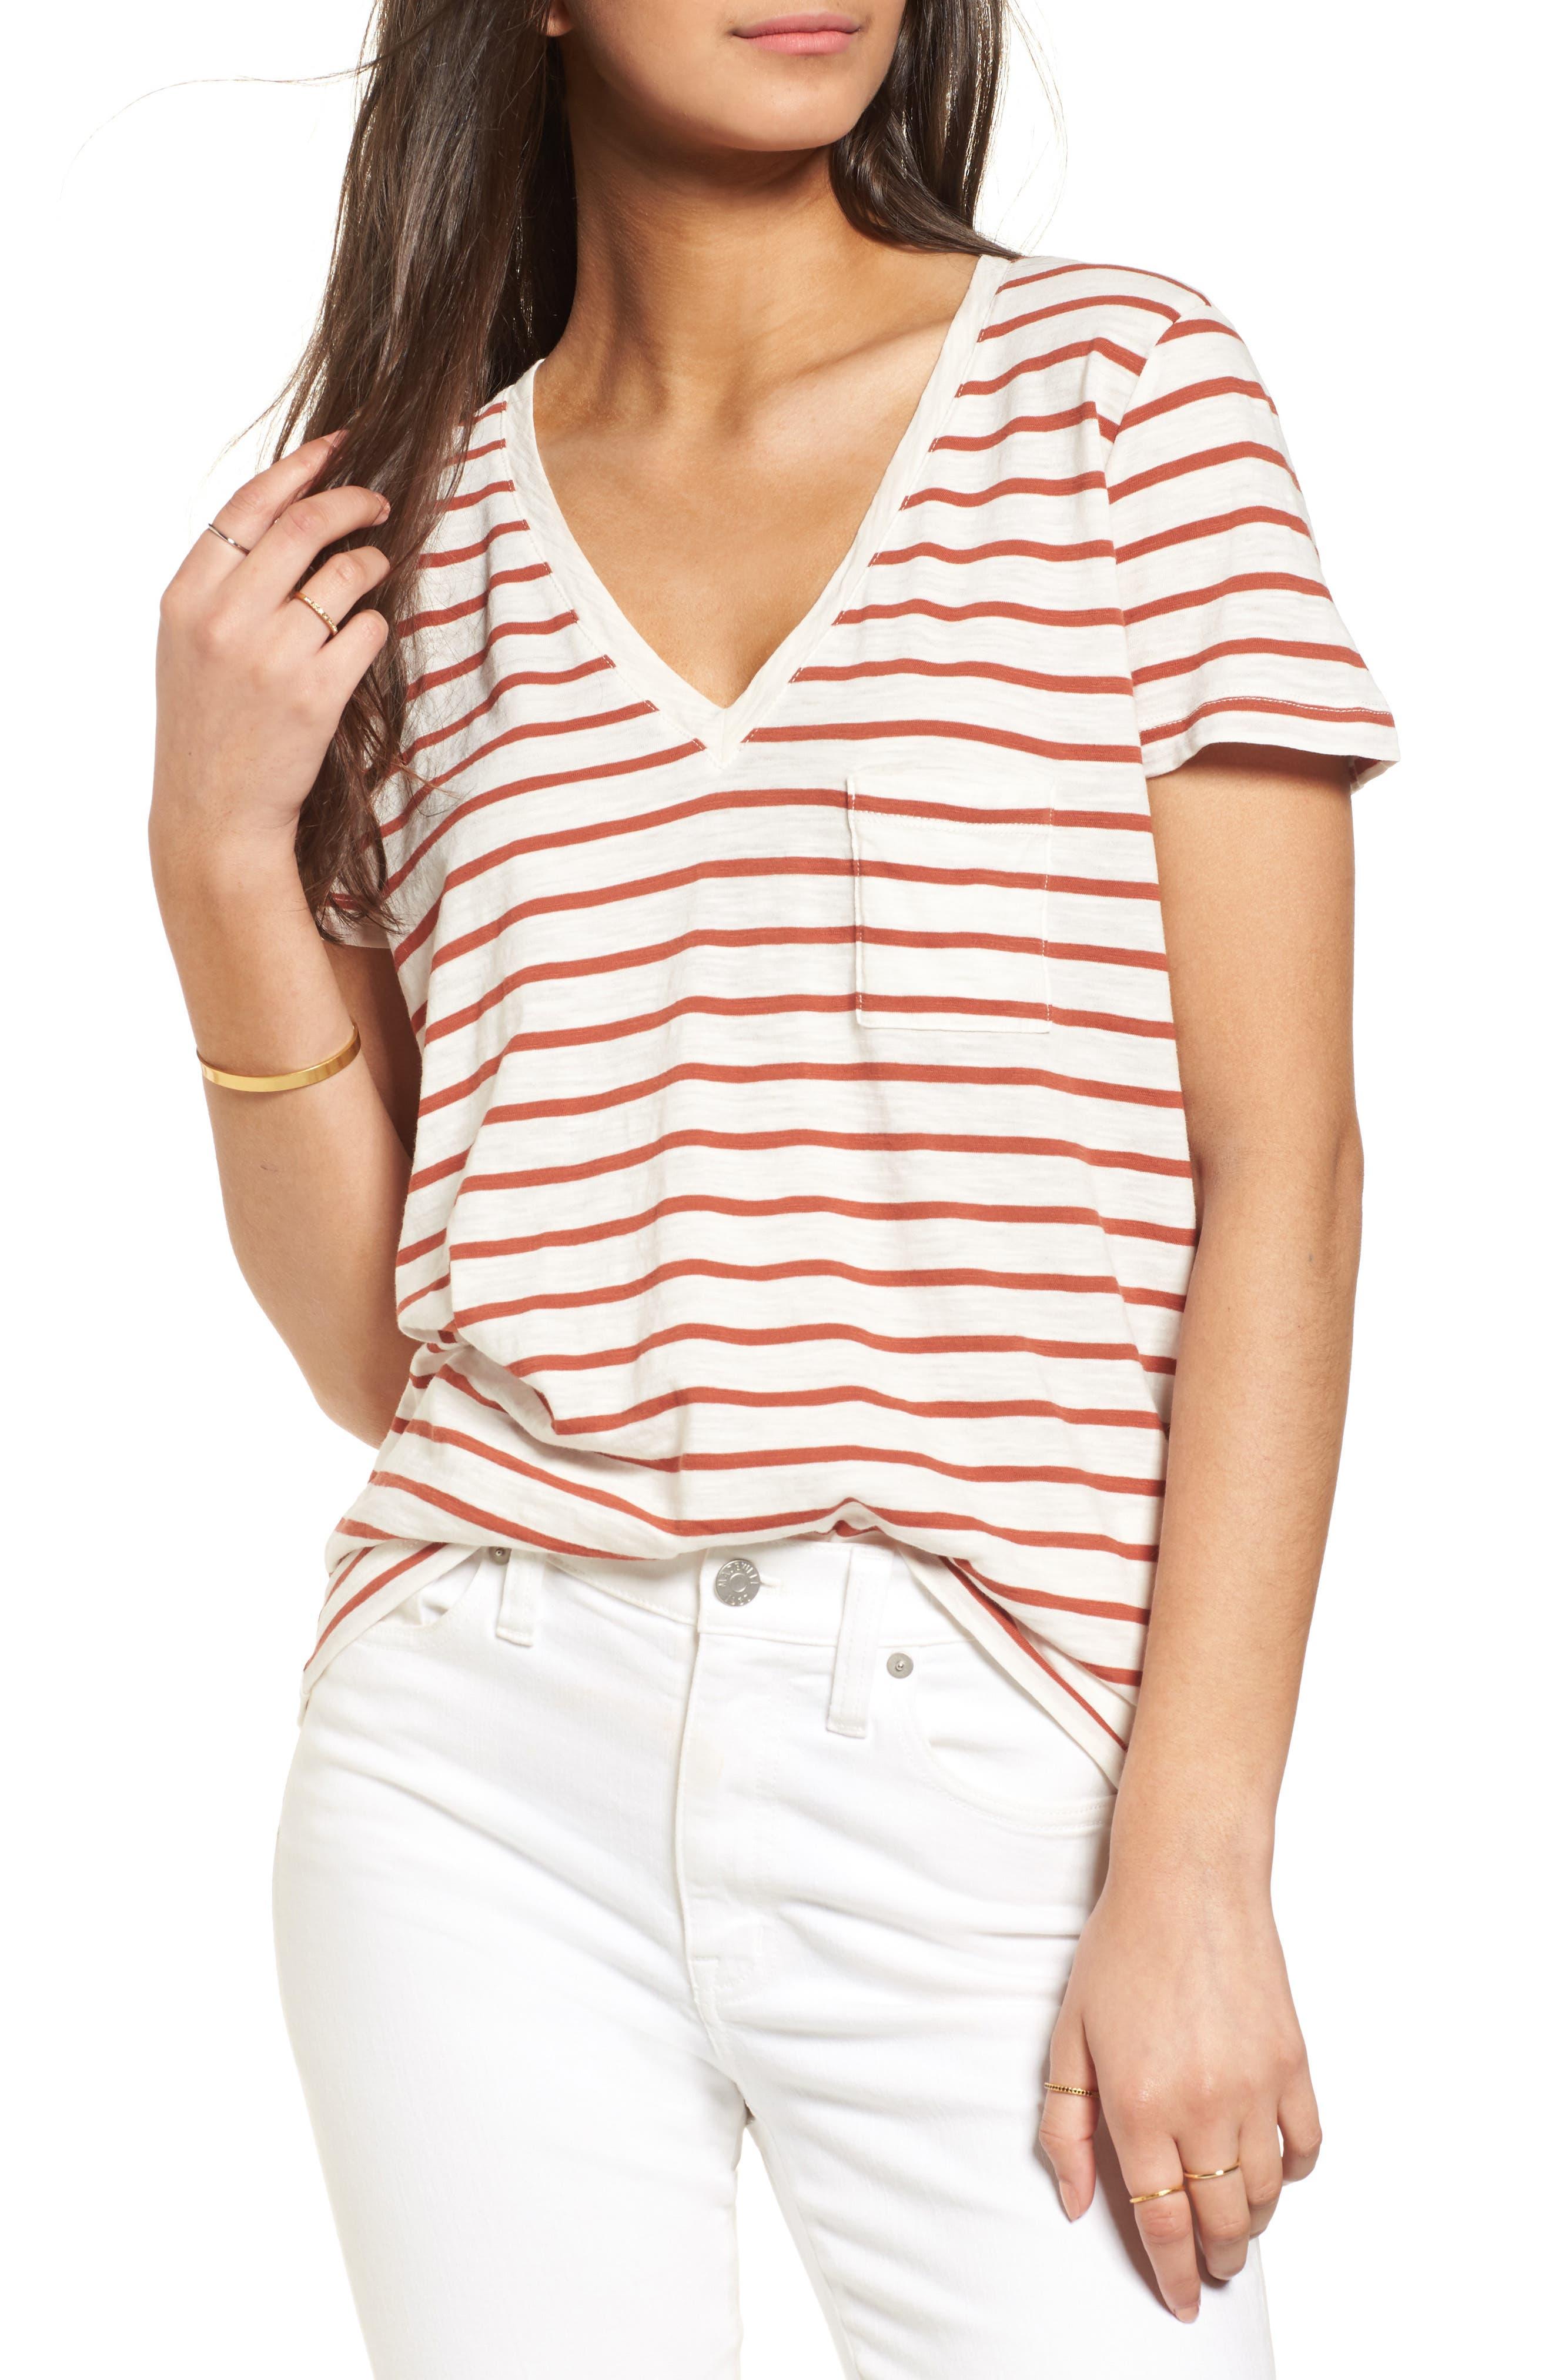 Alternate Image 1 Selected - Madewell Whisper Cotton Stripe V-Neck Tee